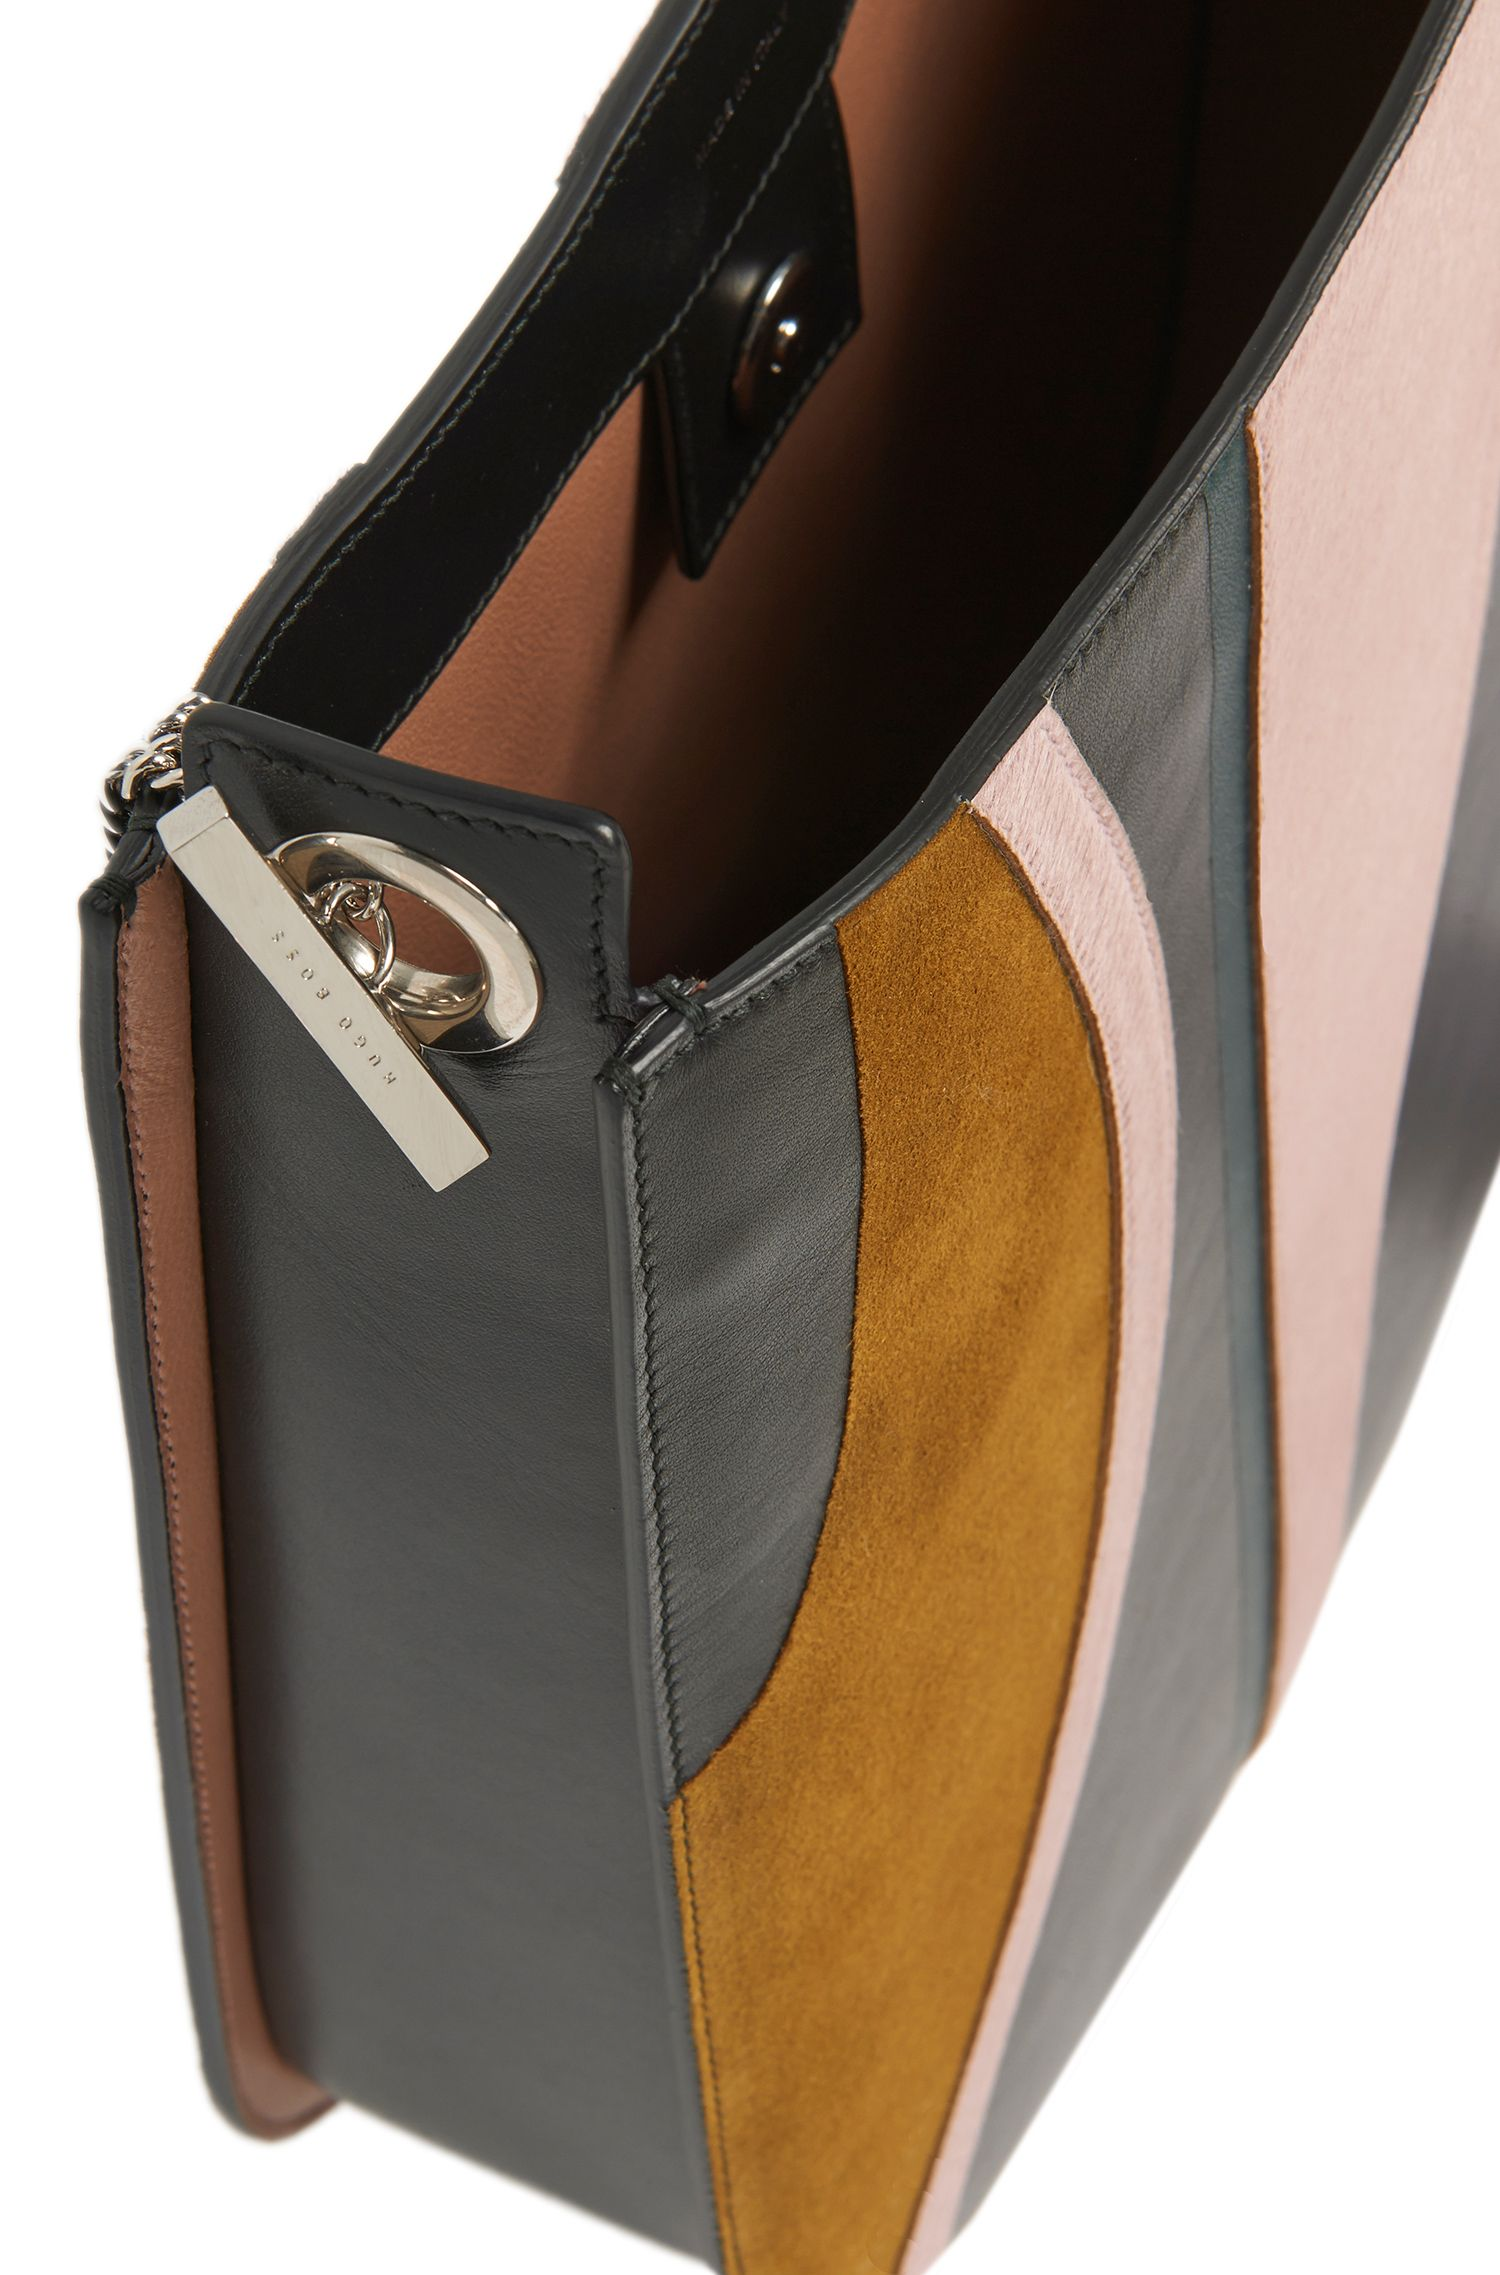 BOSS Bespoke Tasche aus Leder mit Kalbsfell-Besätzen